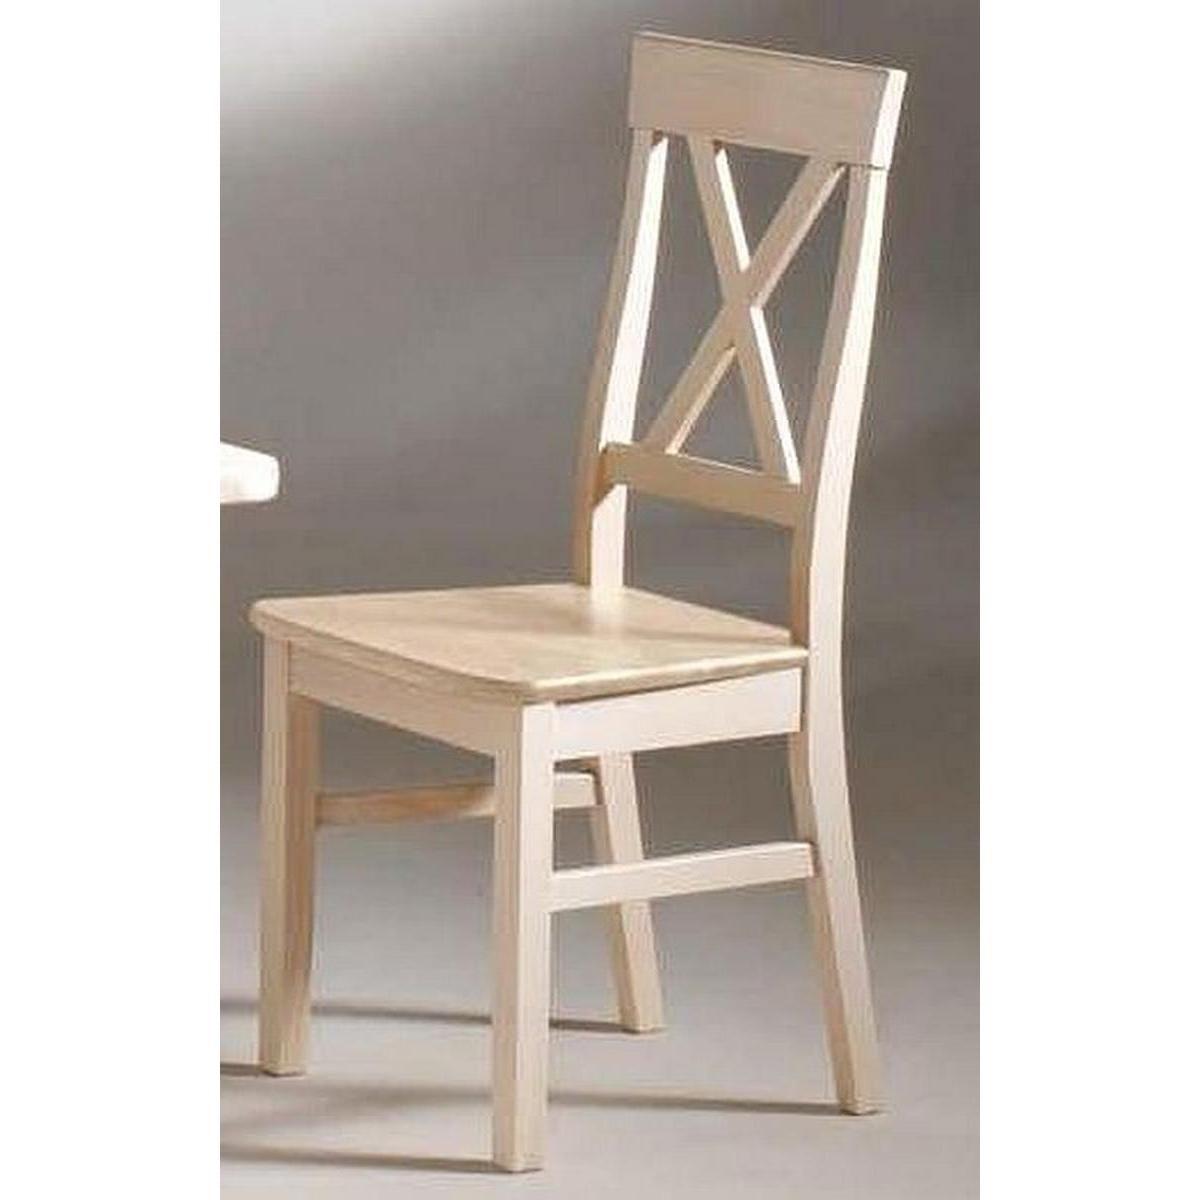 Ungewöhnlich Billige Küche Stühle Ideen - Küchenschrank Ideen ...